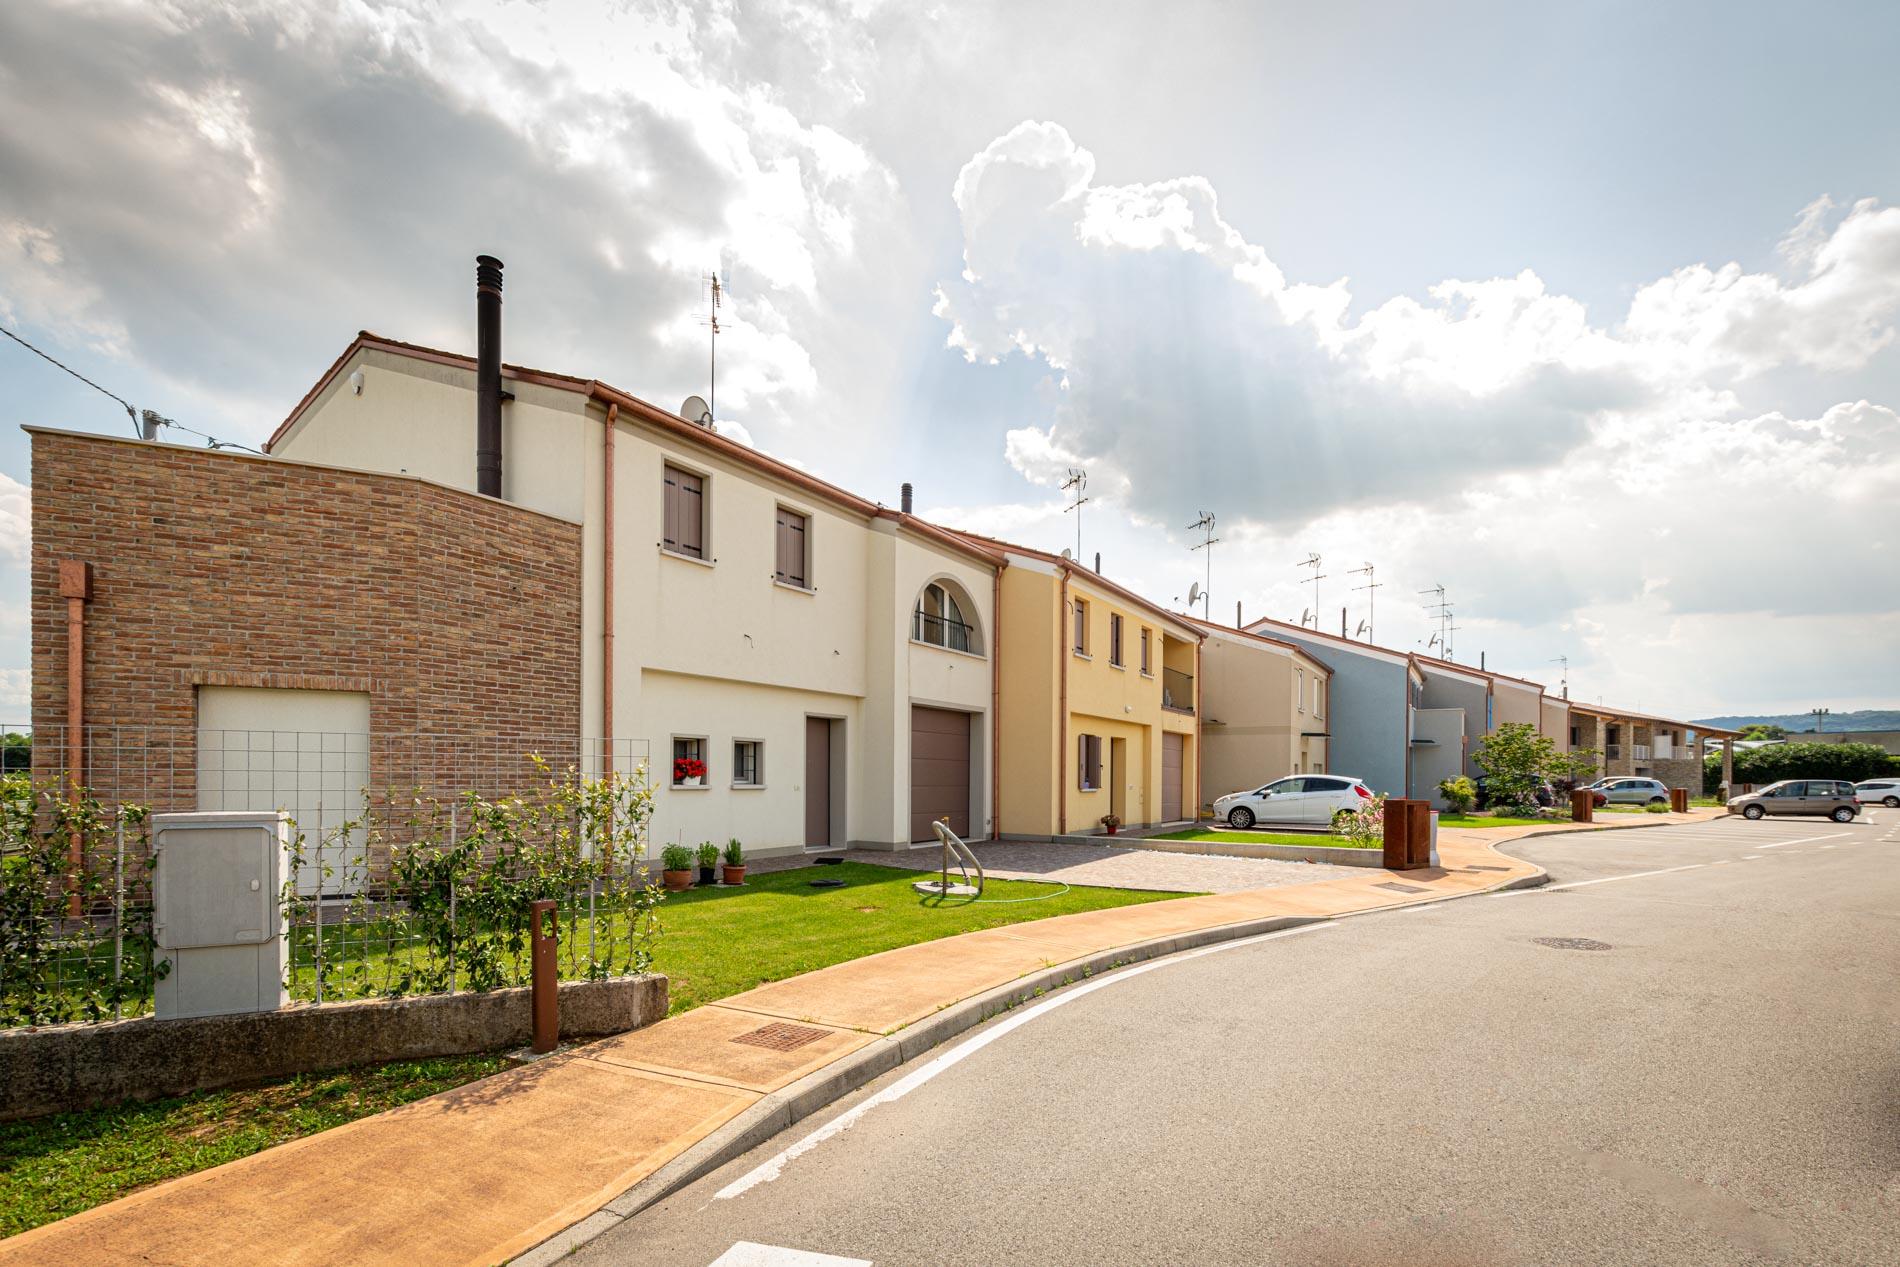 Costruzioni Bieffe Parco Cavallino